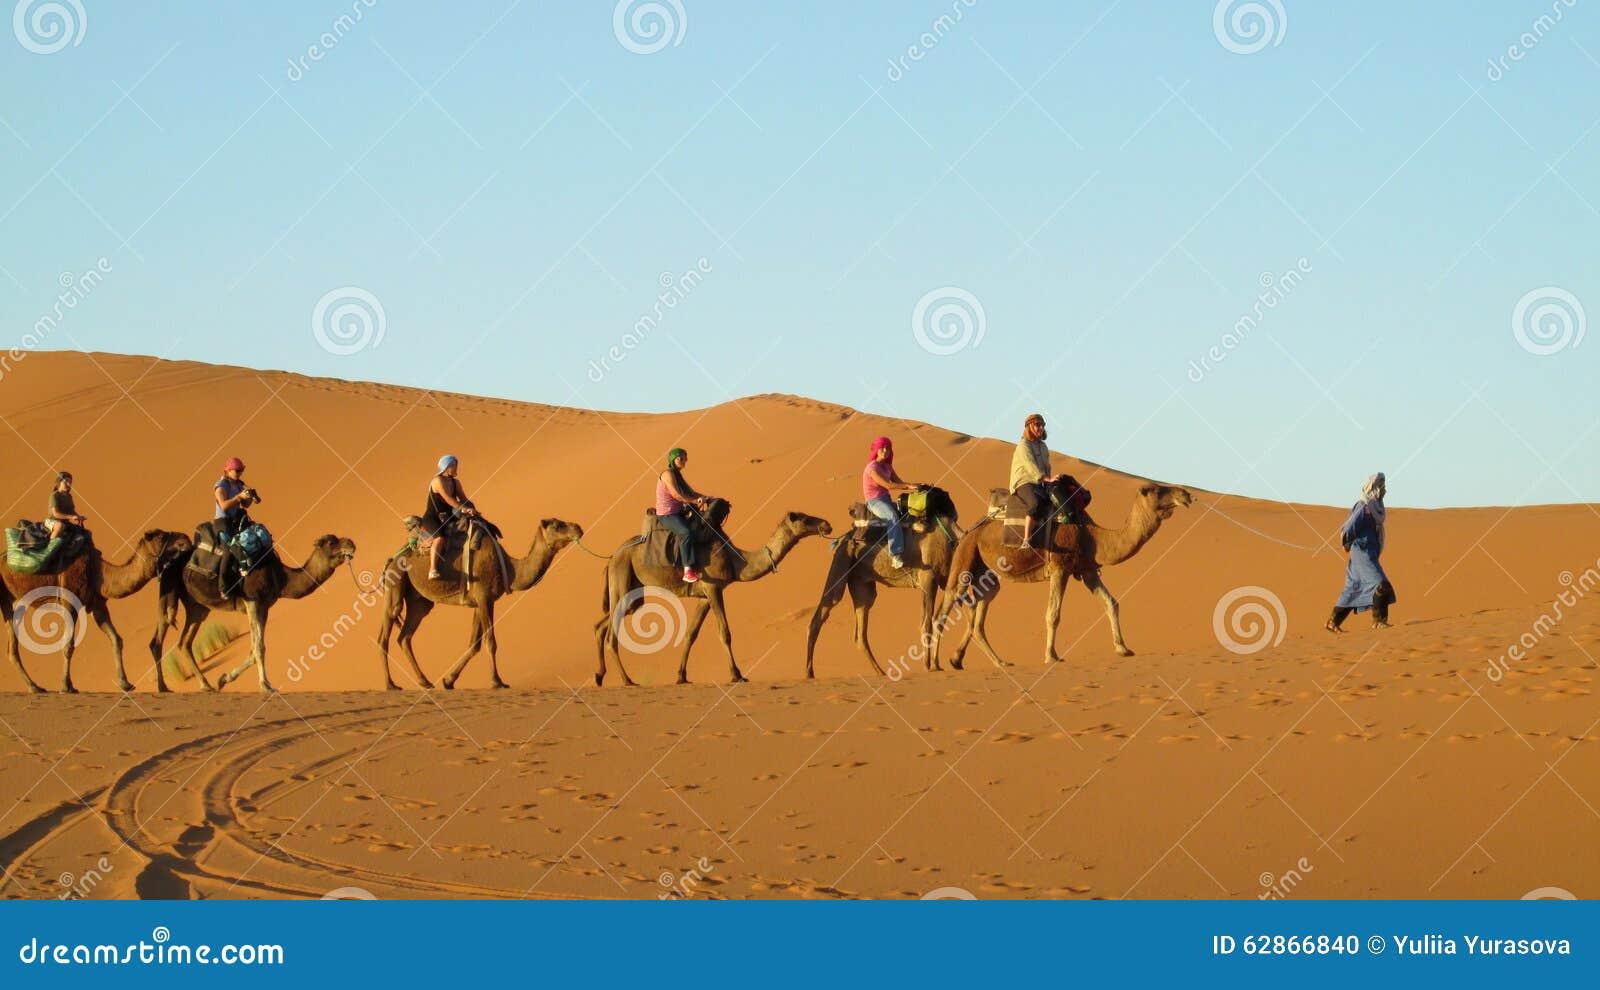 Cameleer With Camel Caravan In Desert Editorial Image